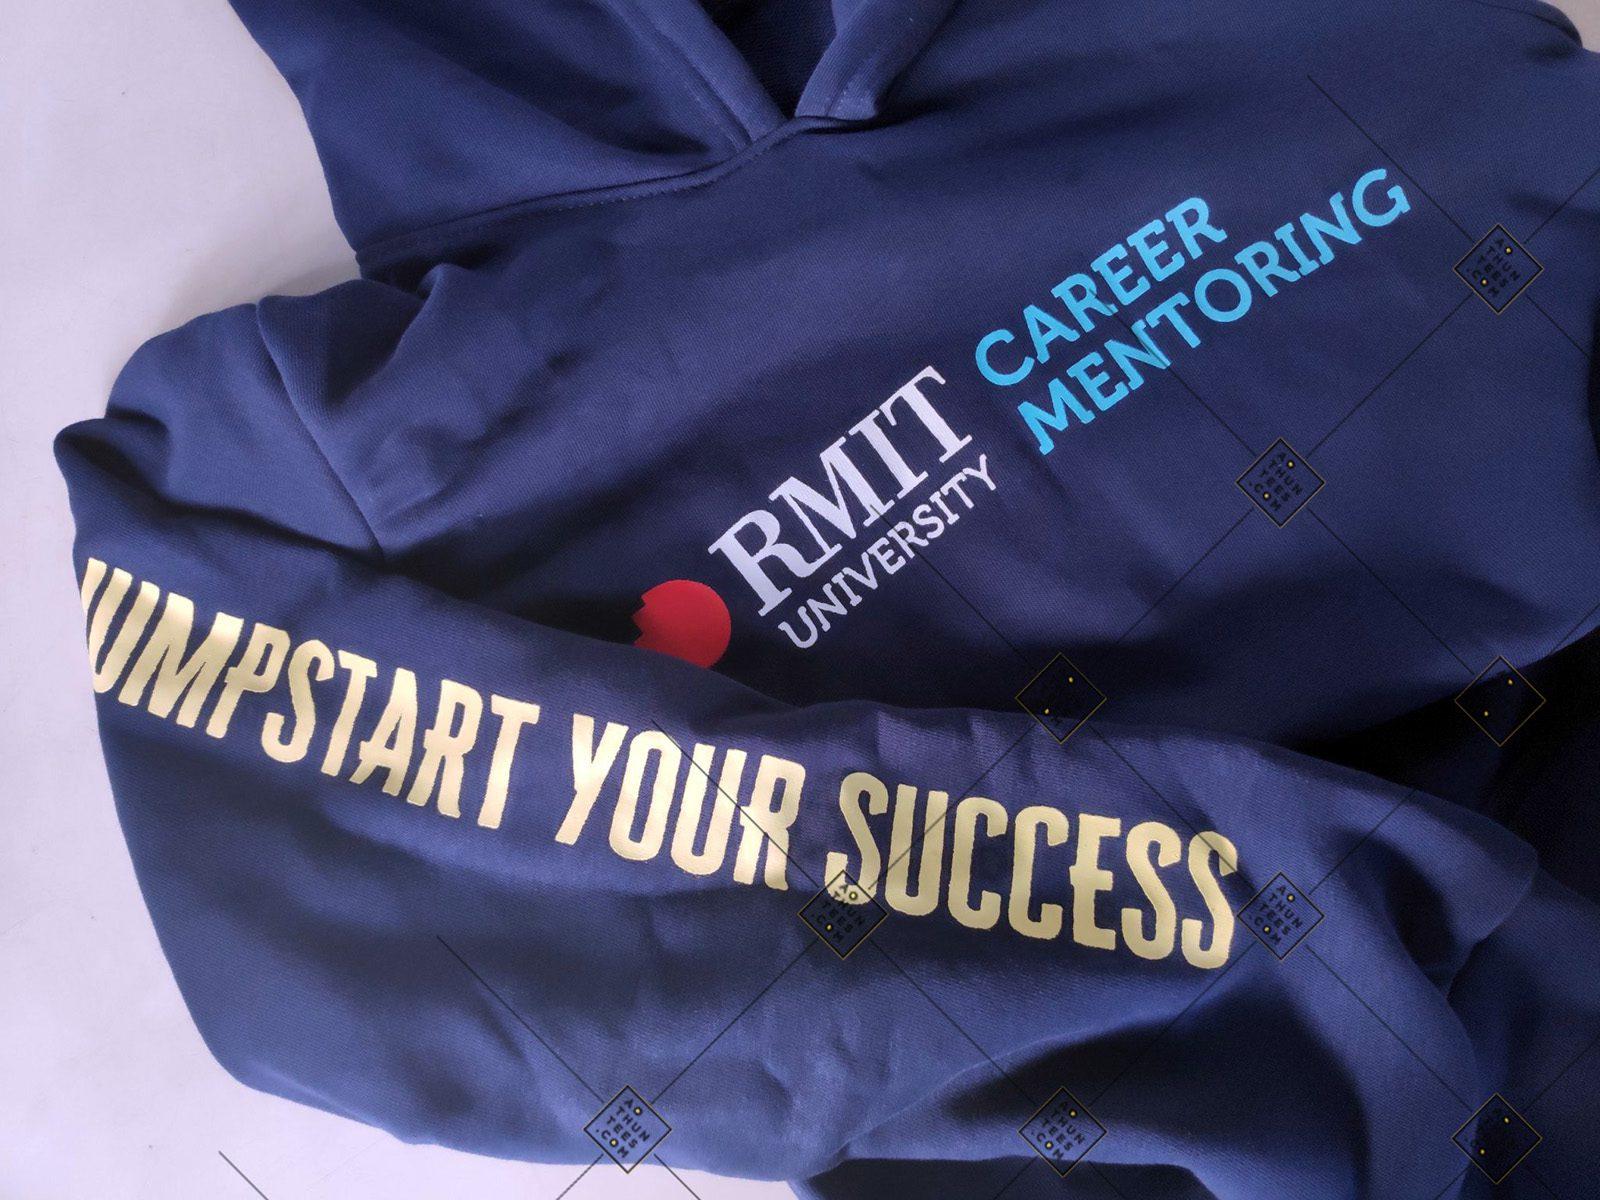 Rmit Hoodie 3 e368e1915385abdbf2946 - Áo hoodie đồng phục trường Đại học Quốc tế RMIT Việt Nam - Career Mentoring